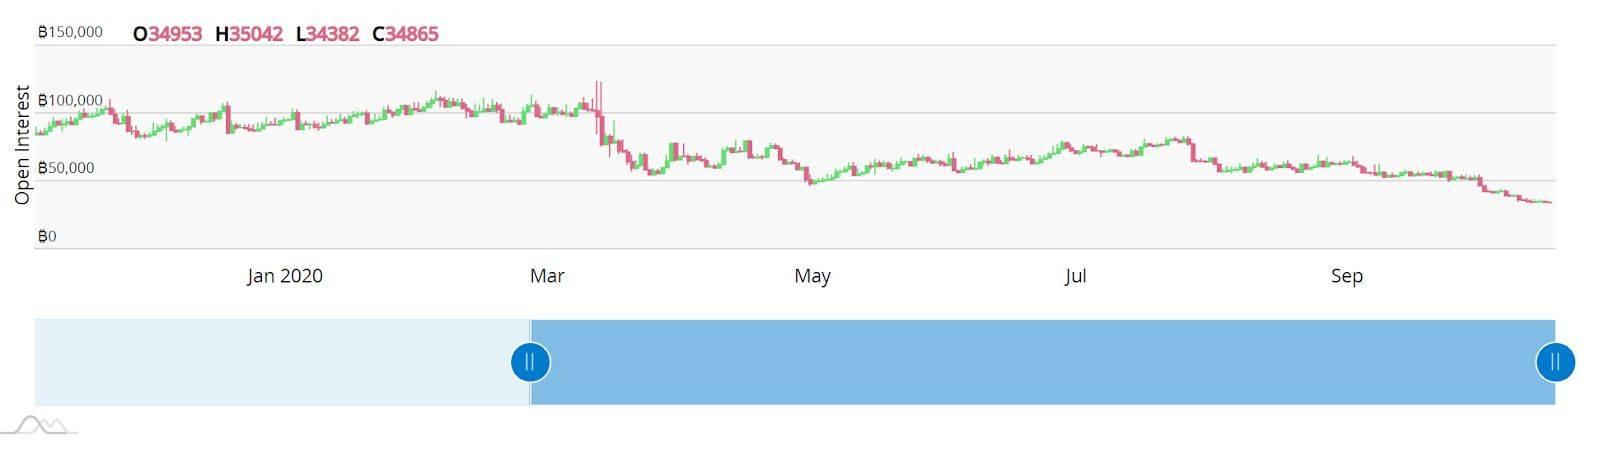 暴风雨前的平静?分析师表示3个月内比特币可能涨至2万美元